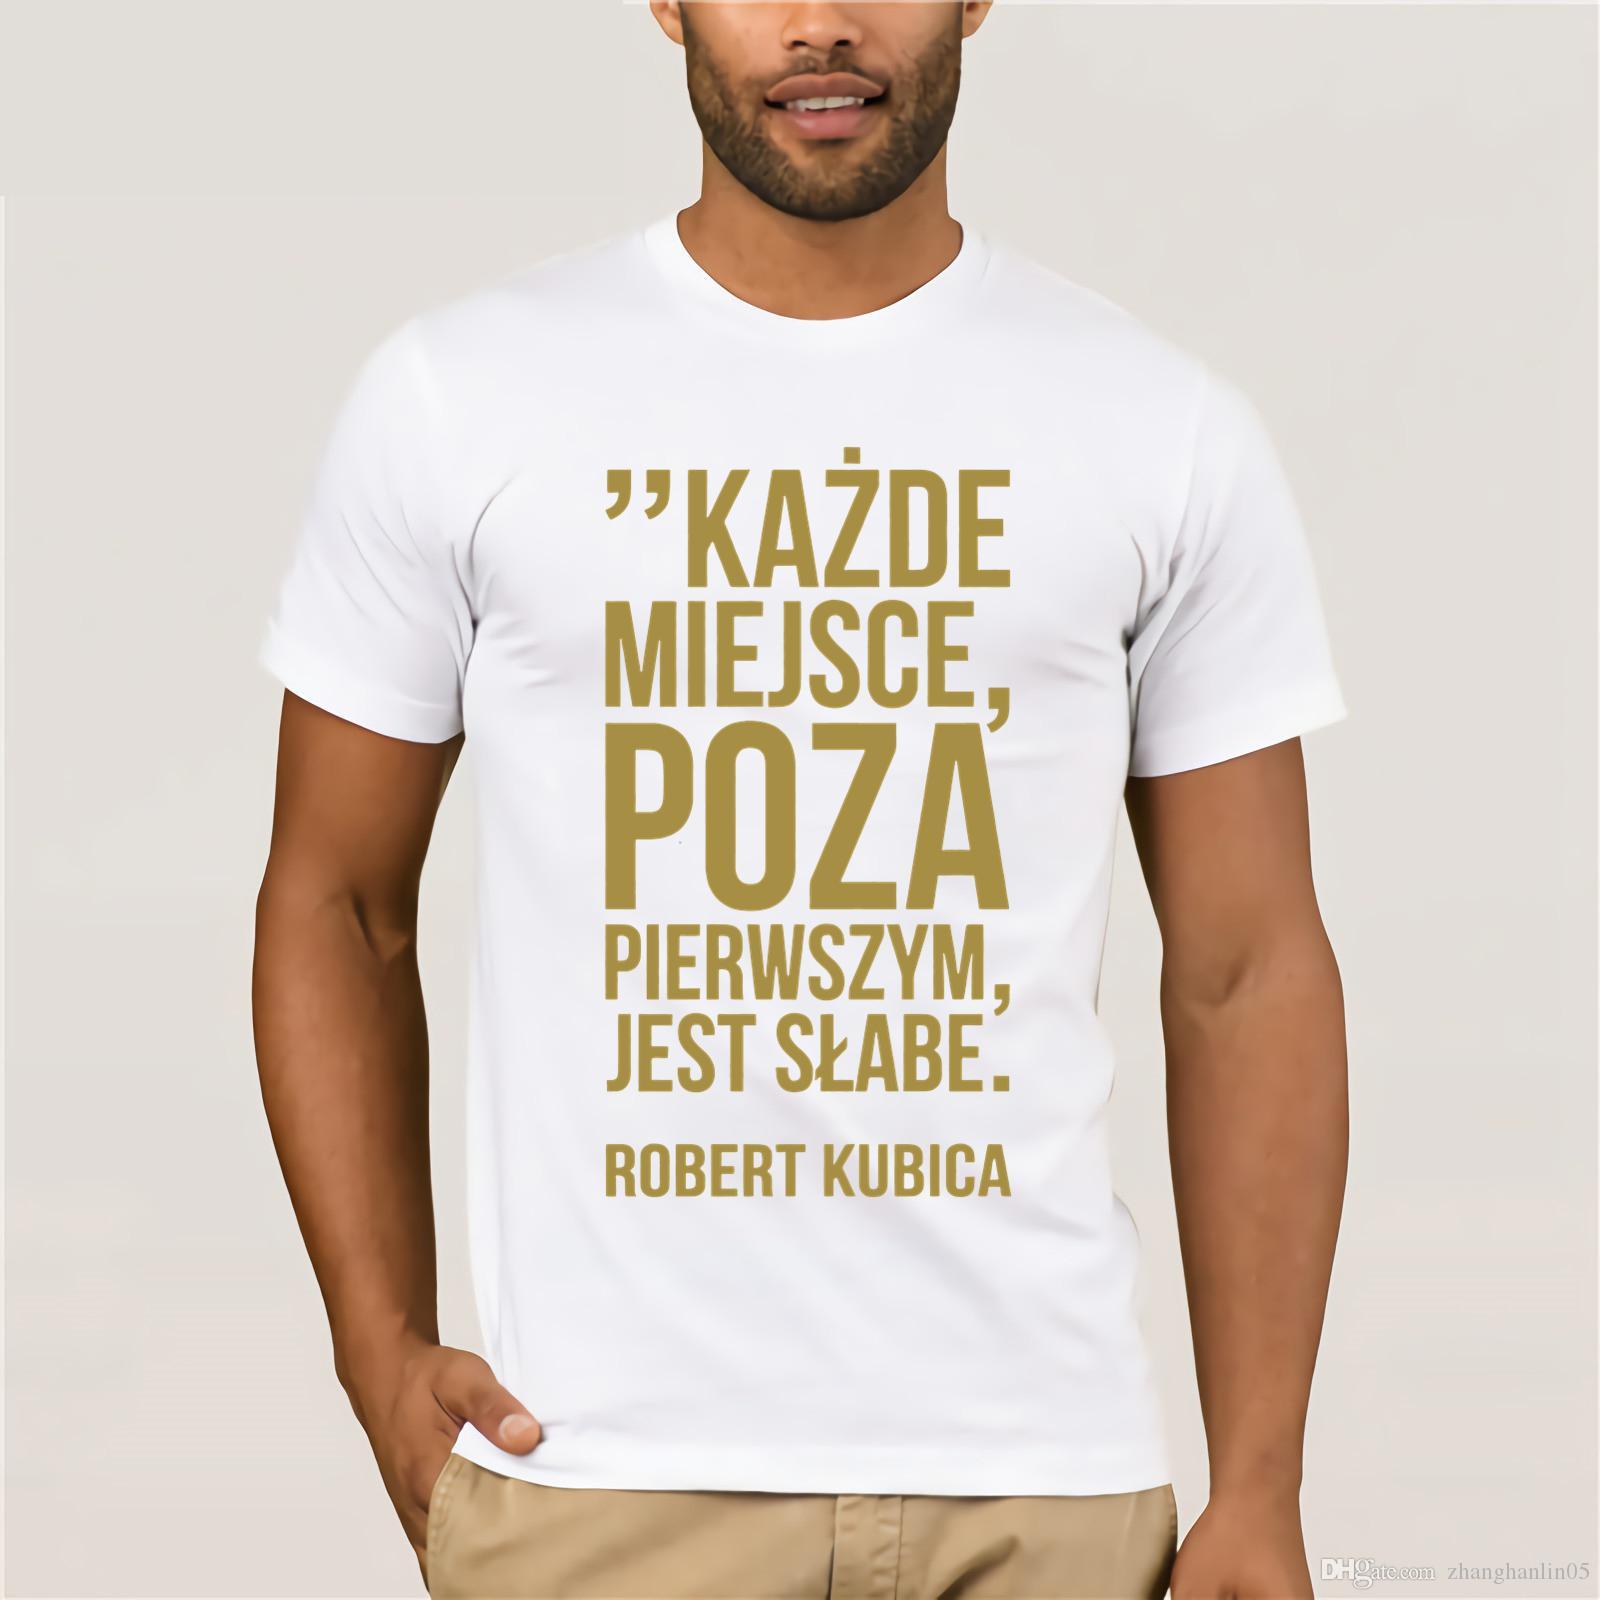 Robert Kubica Kazde miejsce poza pierwszym jest slabe  T-shirt Long Sleeve Black